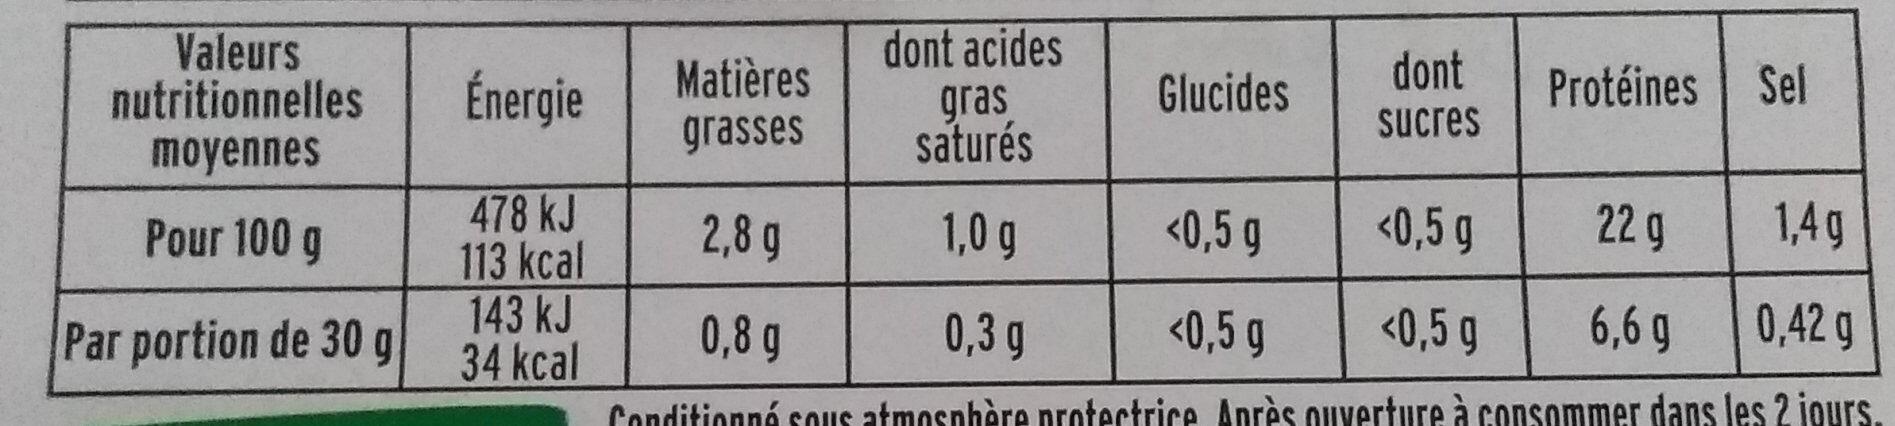 Le supérieur cuit à l'étouffée - tranches fines - 25% de sel * - 6 tranches - Voedingswaarden - fr